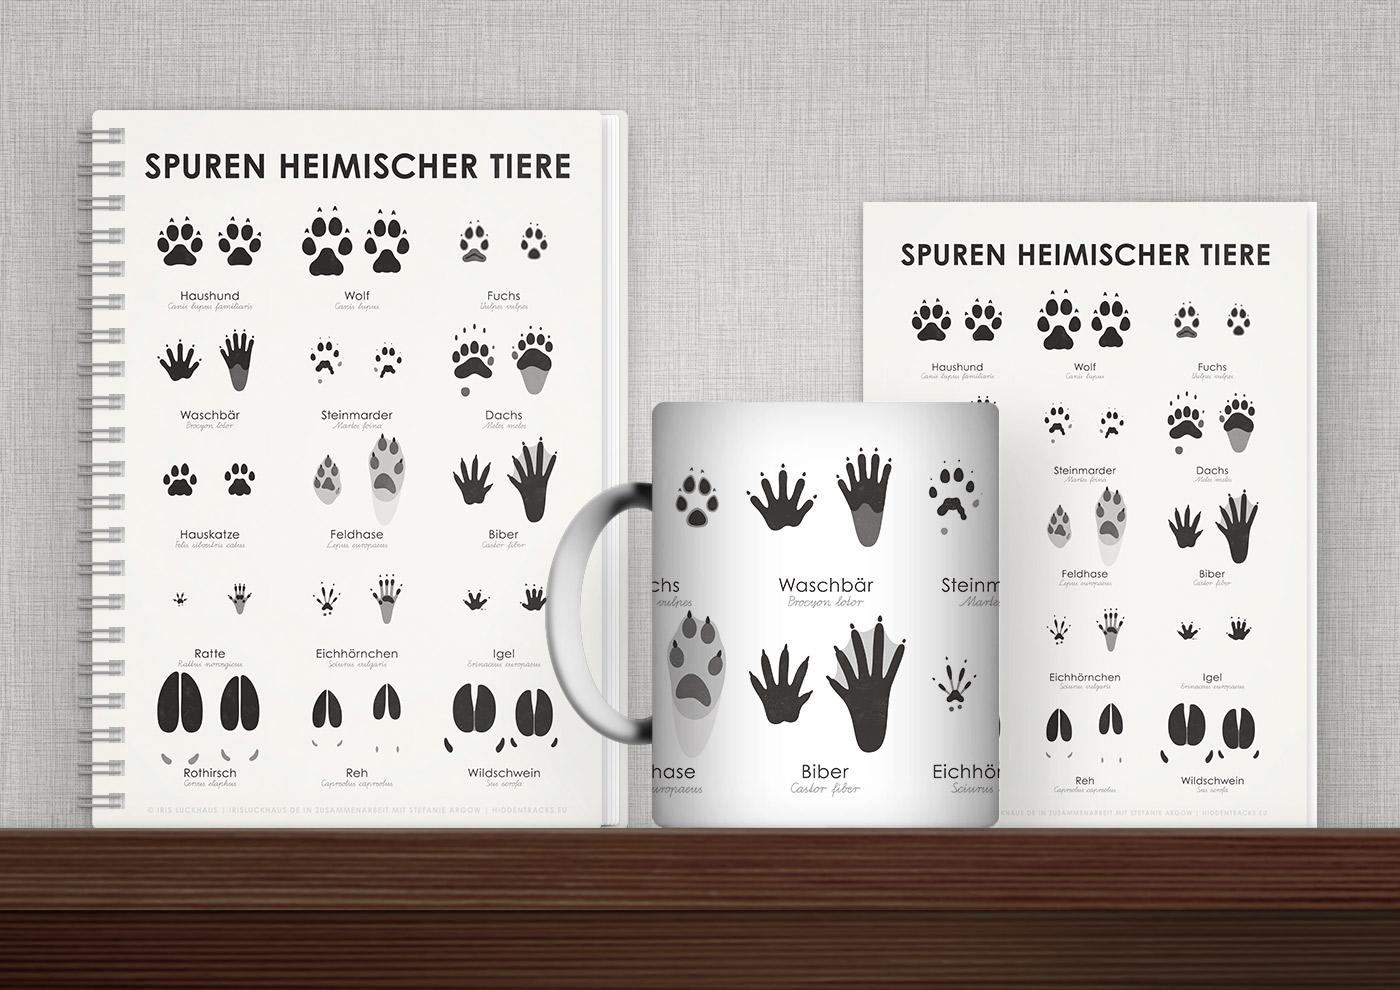 Bedruckte Produkte wie Tasse, Buch, Karte oder Tasche mit Infografiken und Schautafeln zu den Trittsiegeln heimischer Tiere von Iris Luckhaus